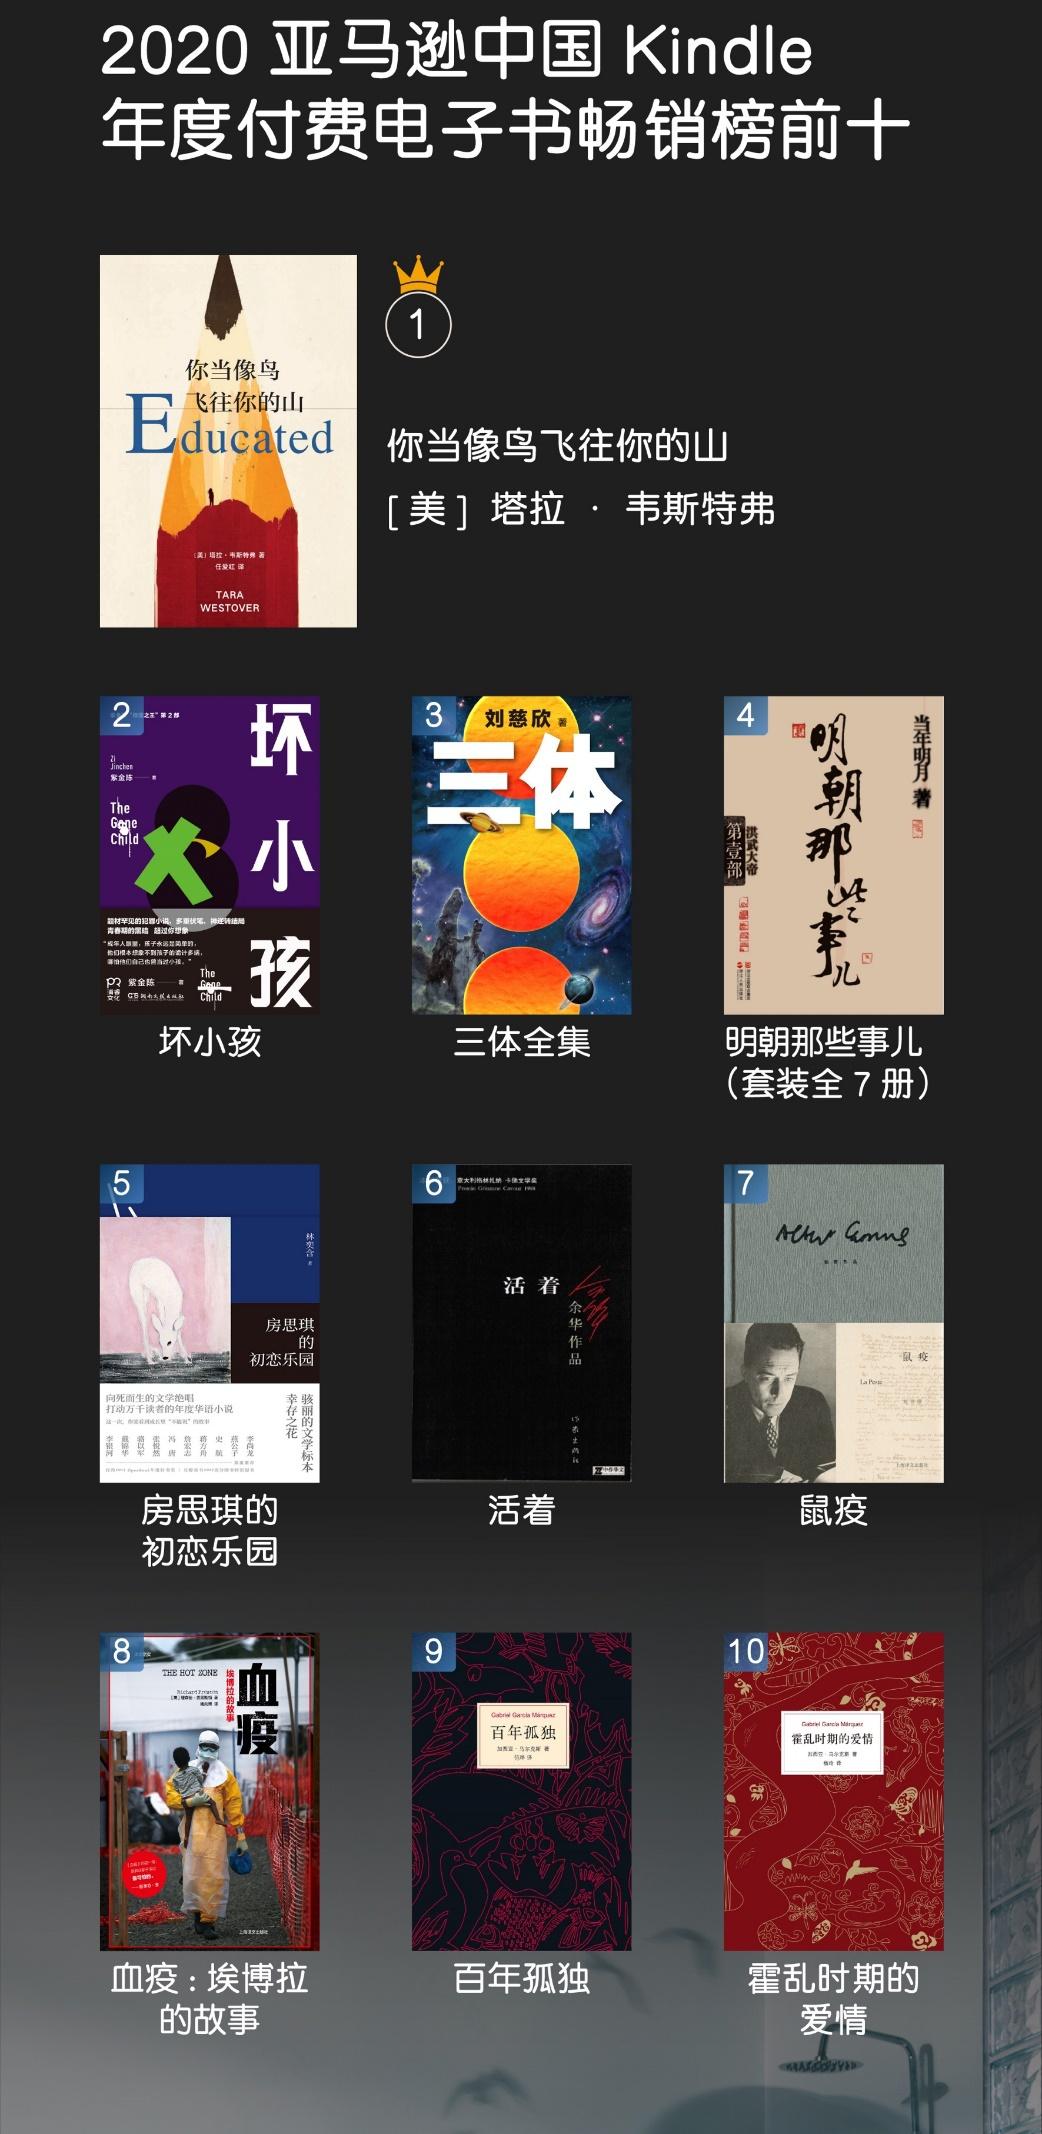 电银付加盟(www.dianyinzhifu.com):数字阅读这几年,看Kindle觅光生长 第3张